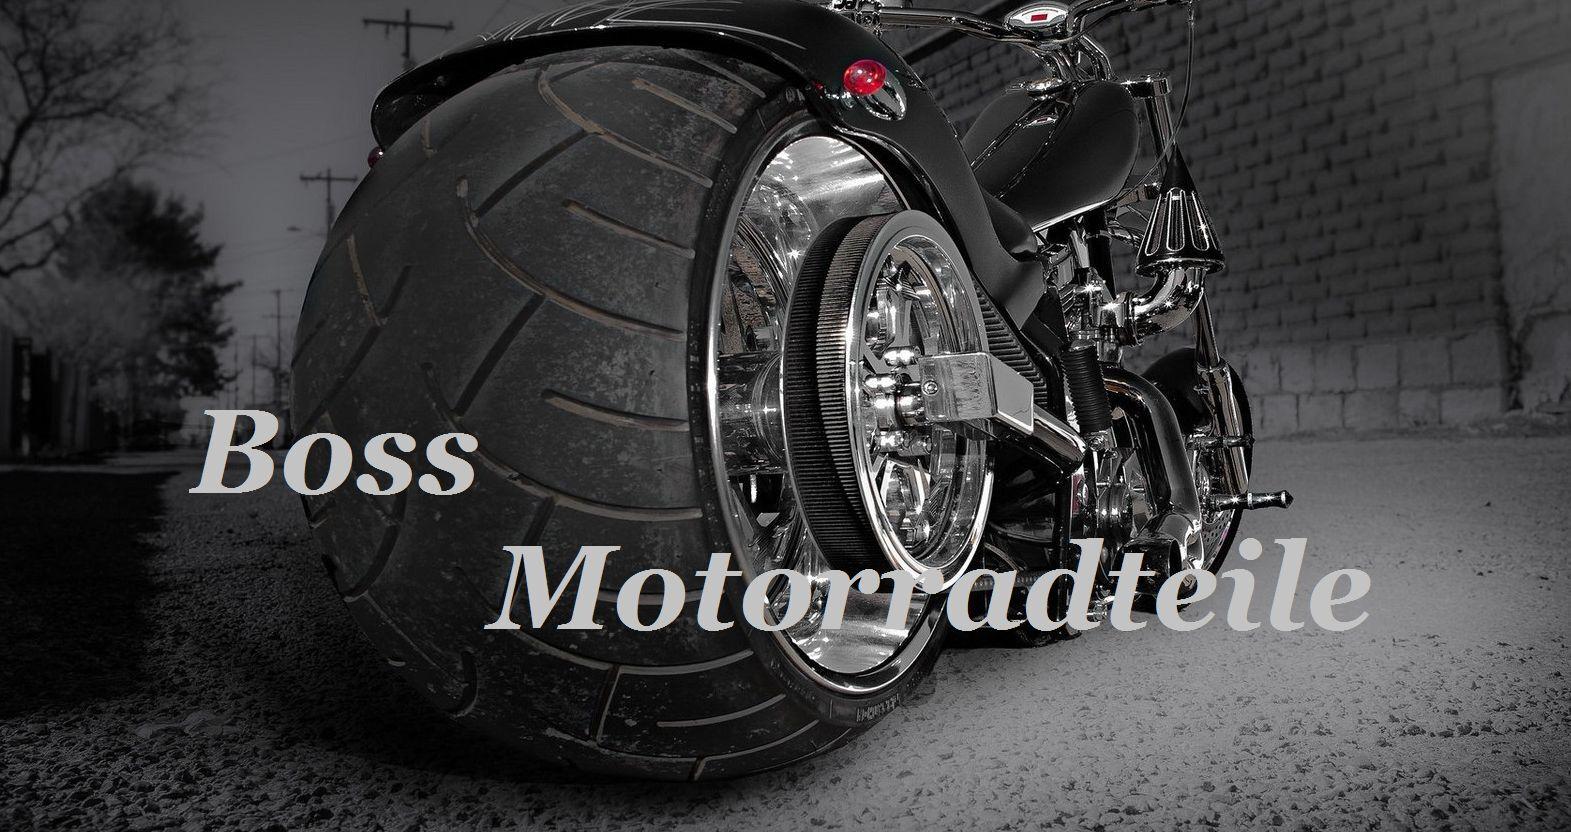 boss-motorradteile